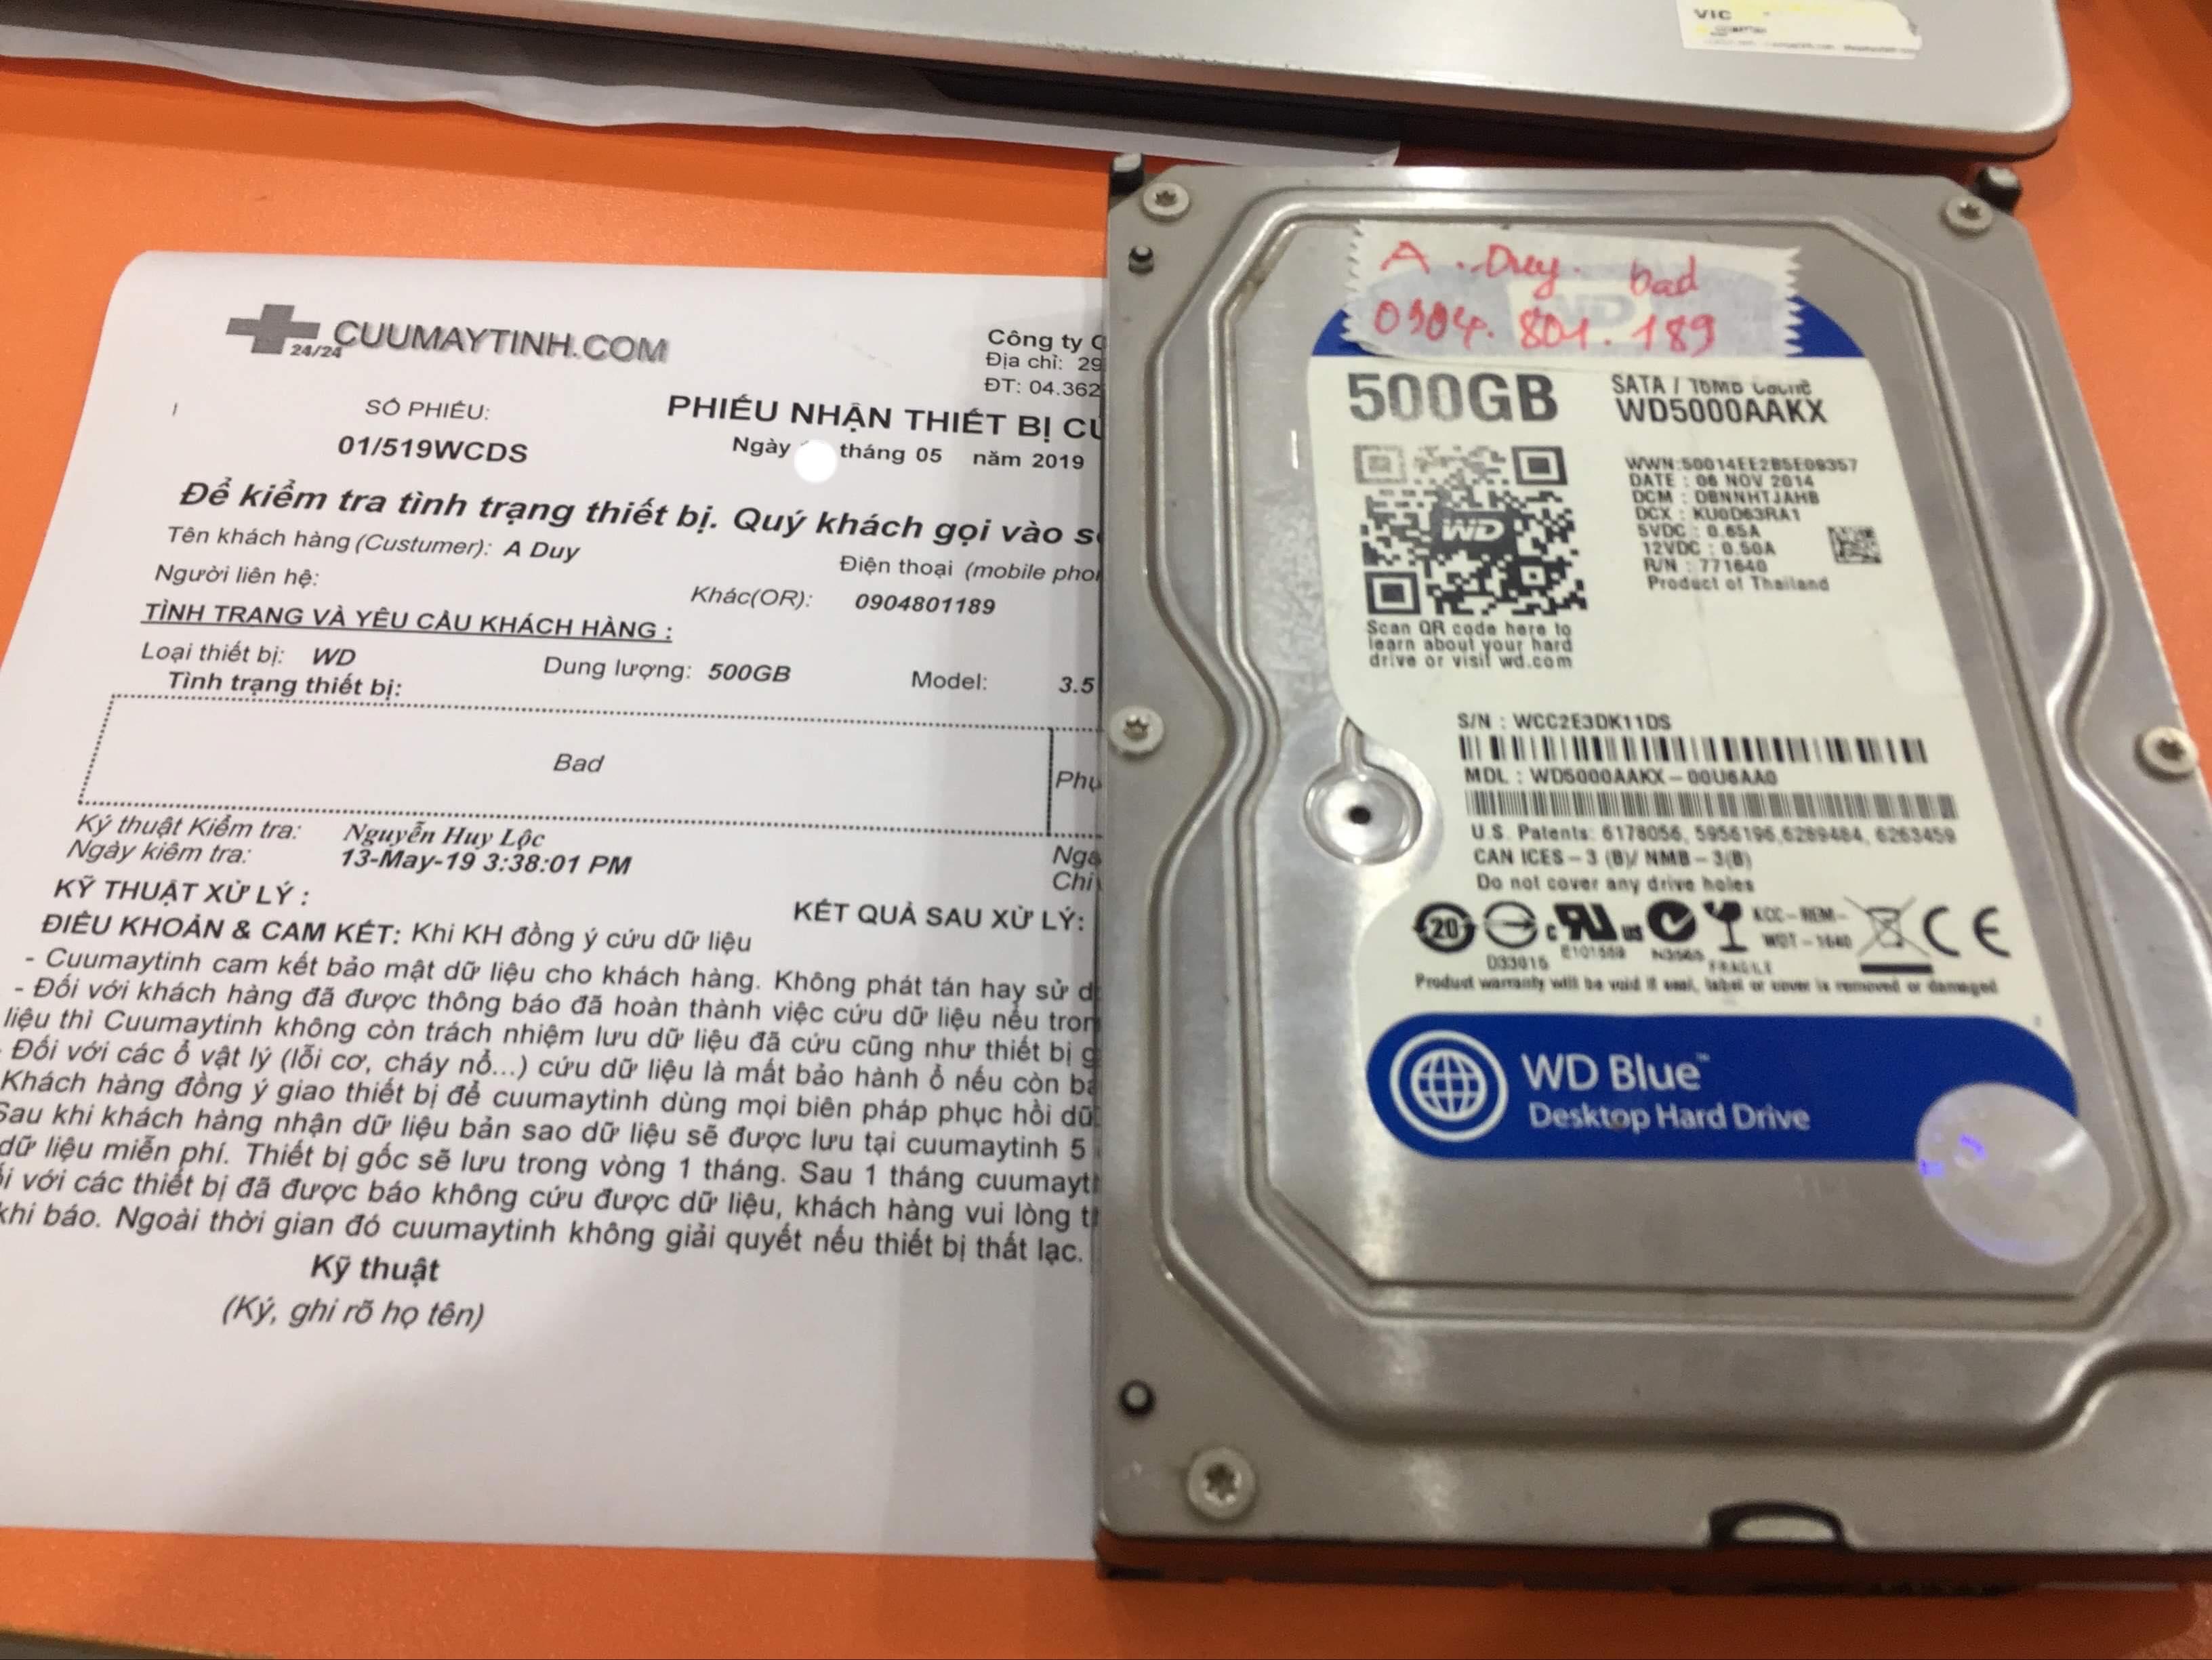 Phục hồi dữ liệu ổ cứng Western 500GB bad 15/05/2019 - cuumaytinh